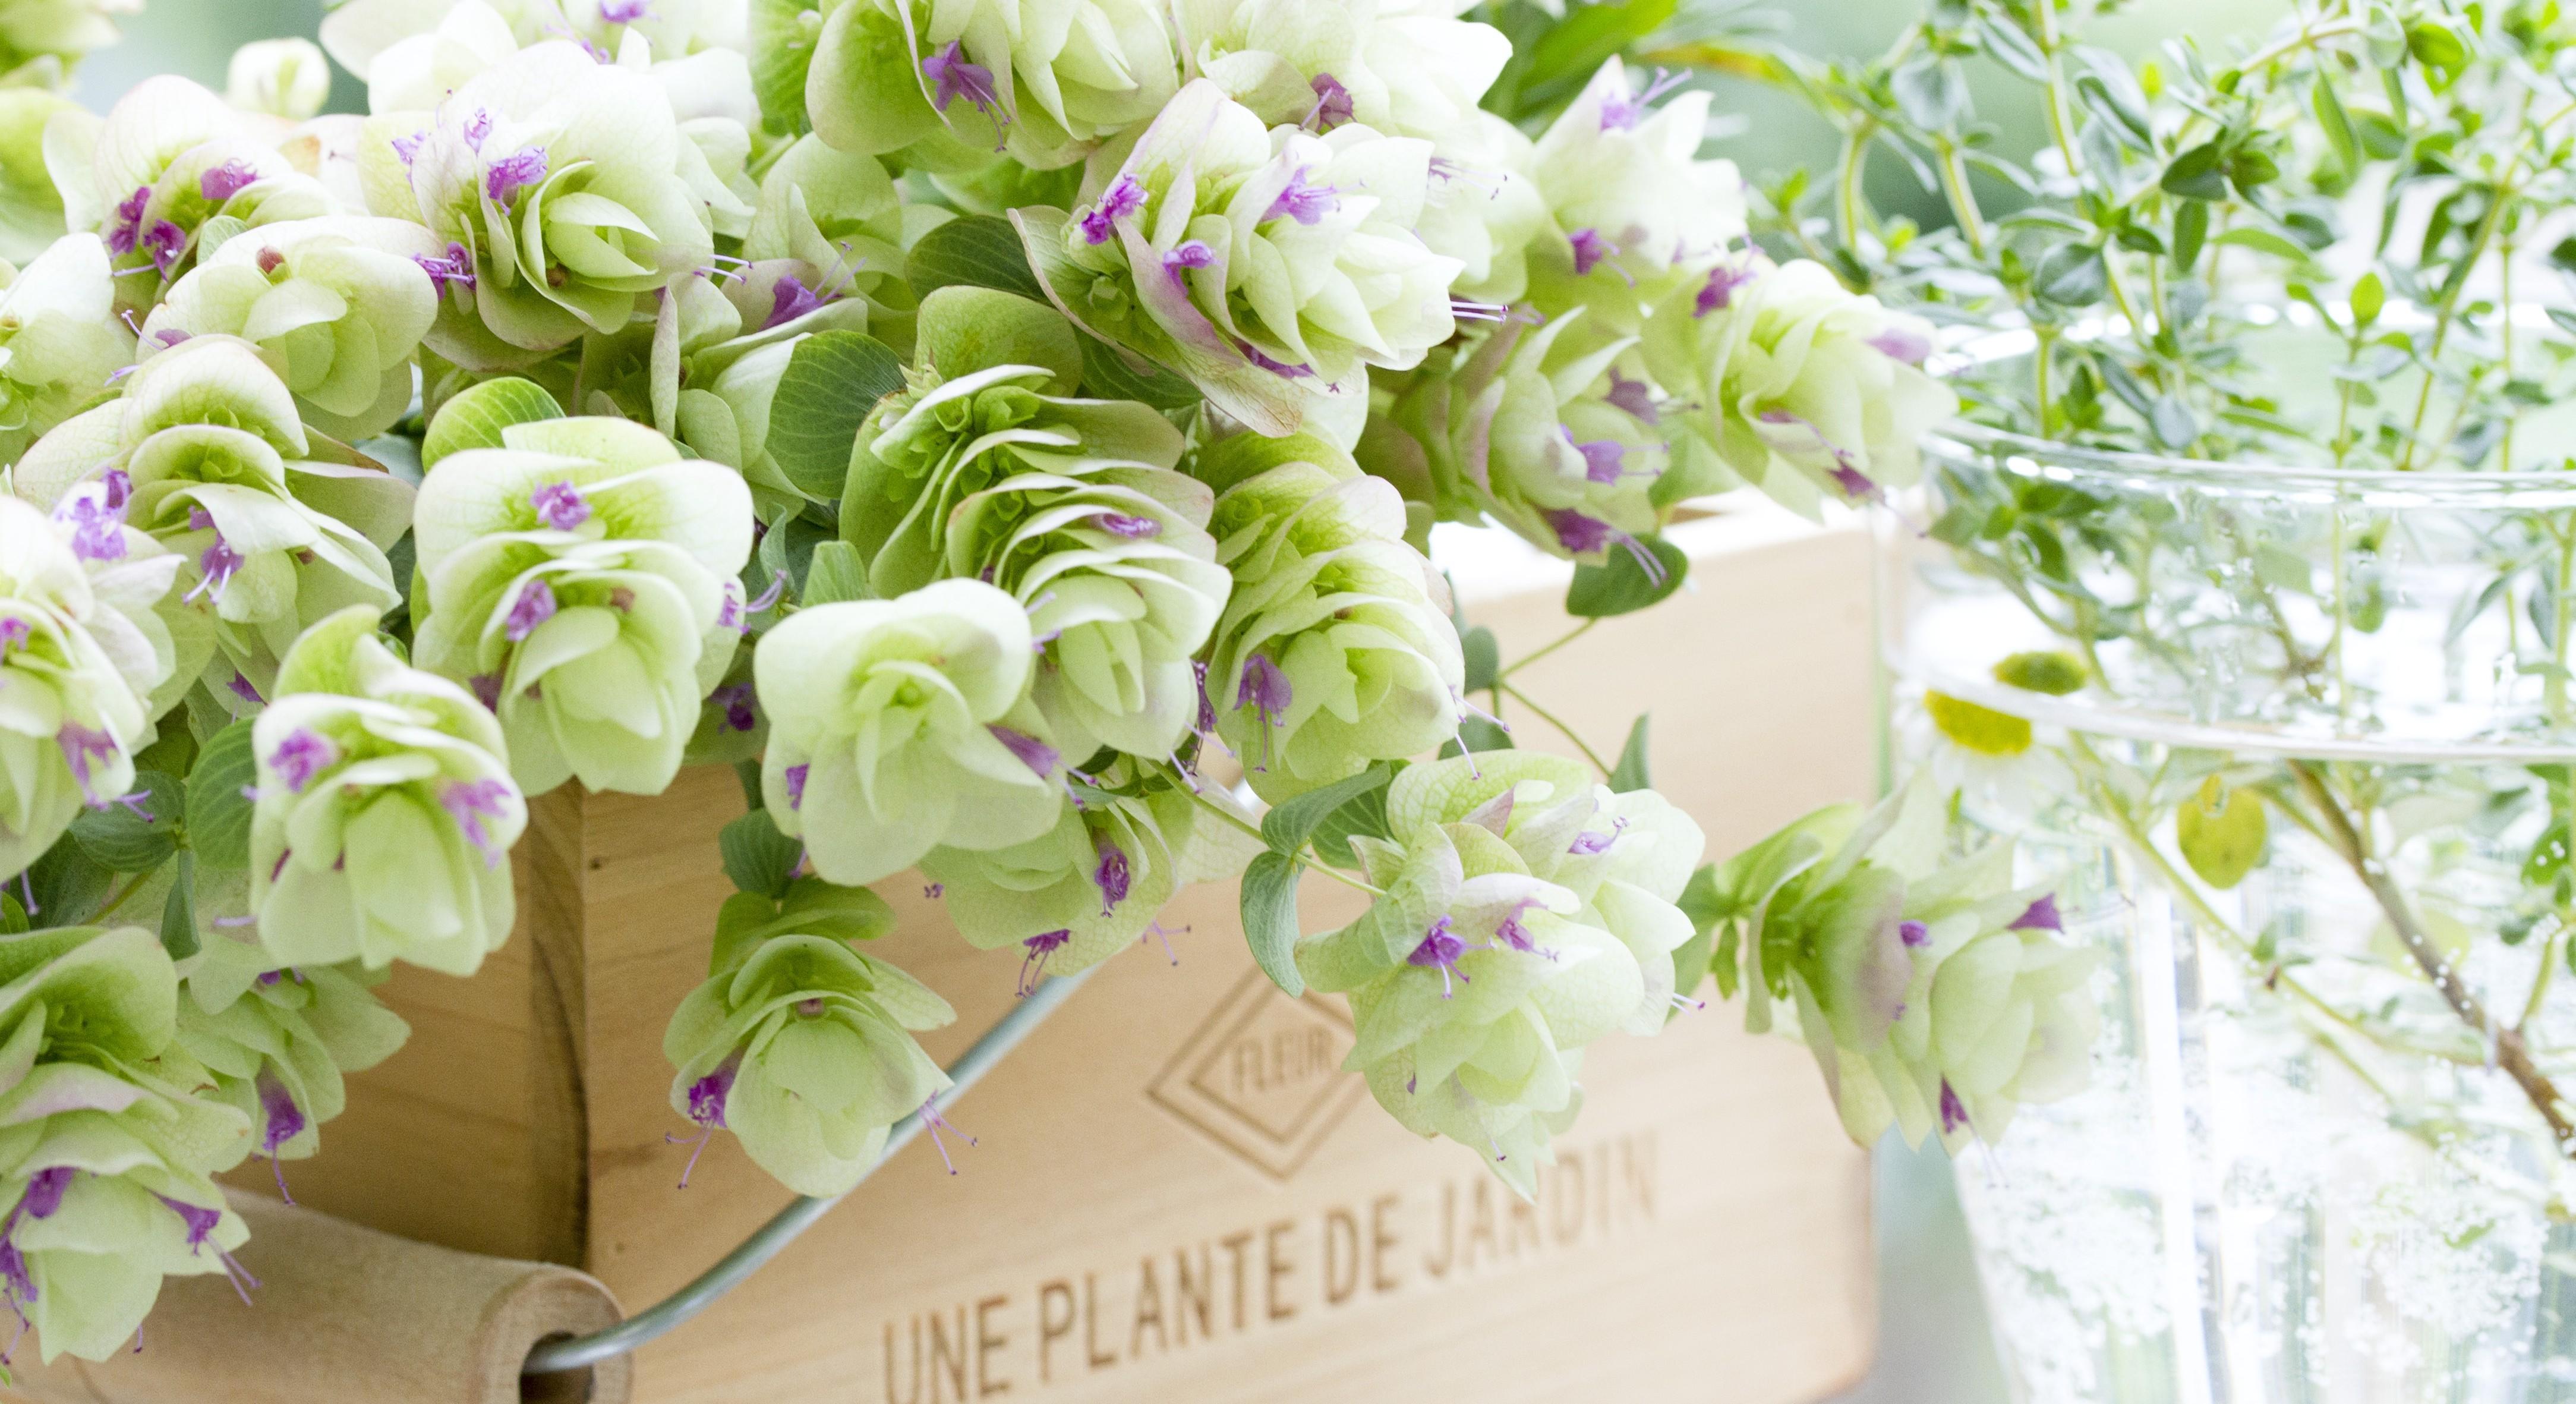 可愛い観葉植物で癒されたい!初心者でも育てられる観葉植物5選